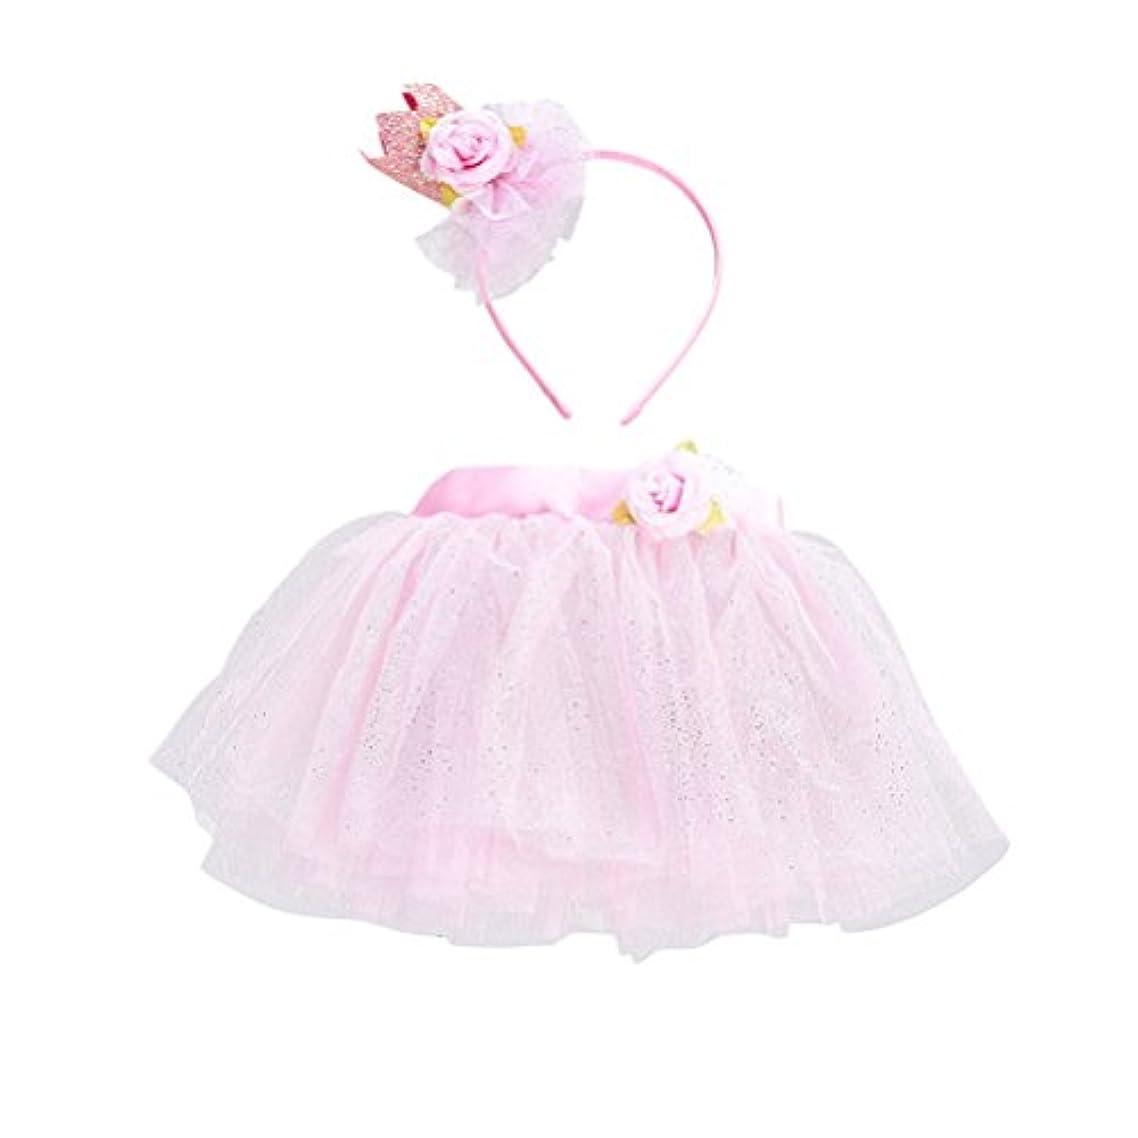 静かに率直な航空LUOEM 女の子TutuスカートセットヘッドバンドプリンセスガールTutu服装Baby Girls Birthday Outfit Set(ピンク)